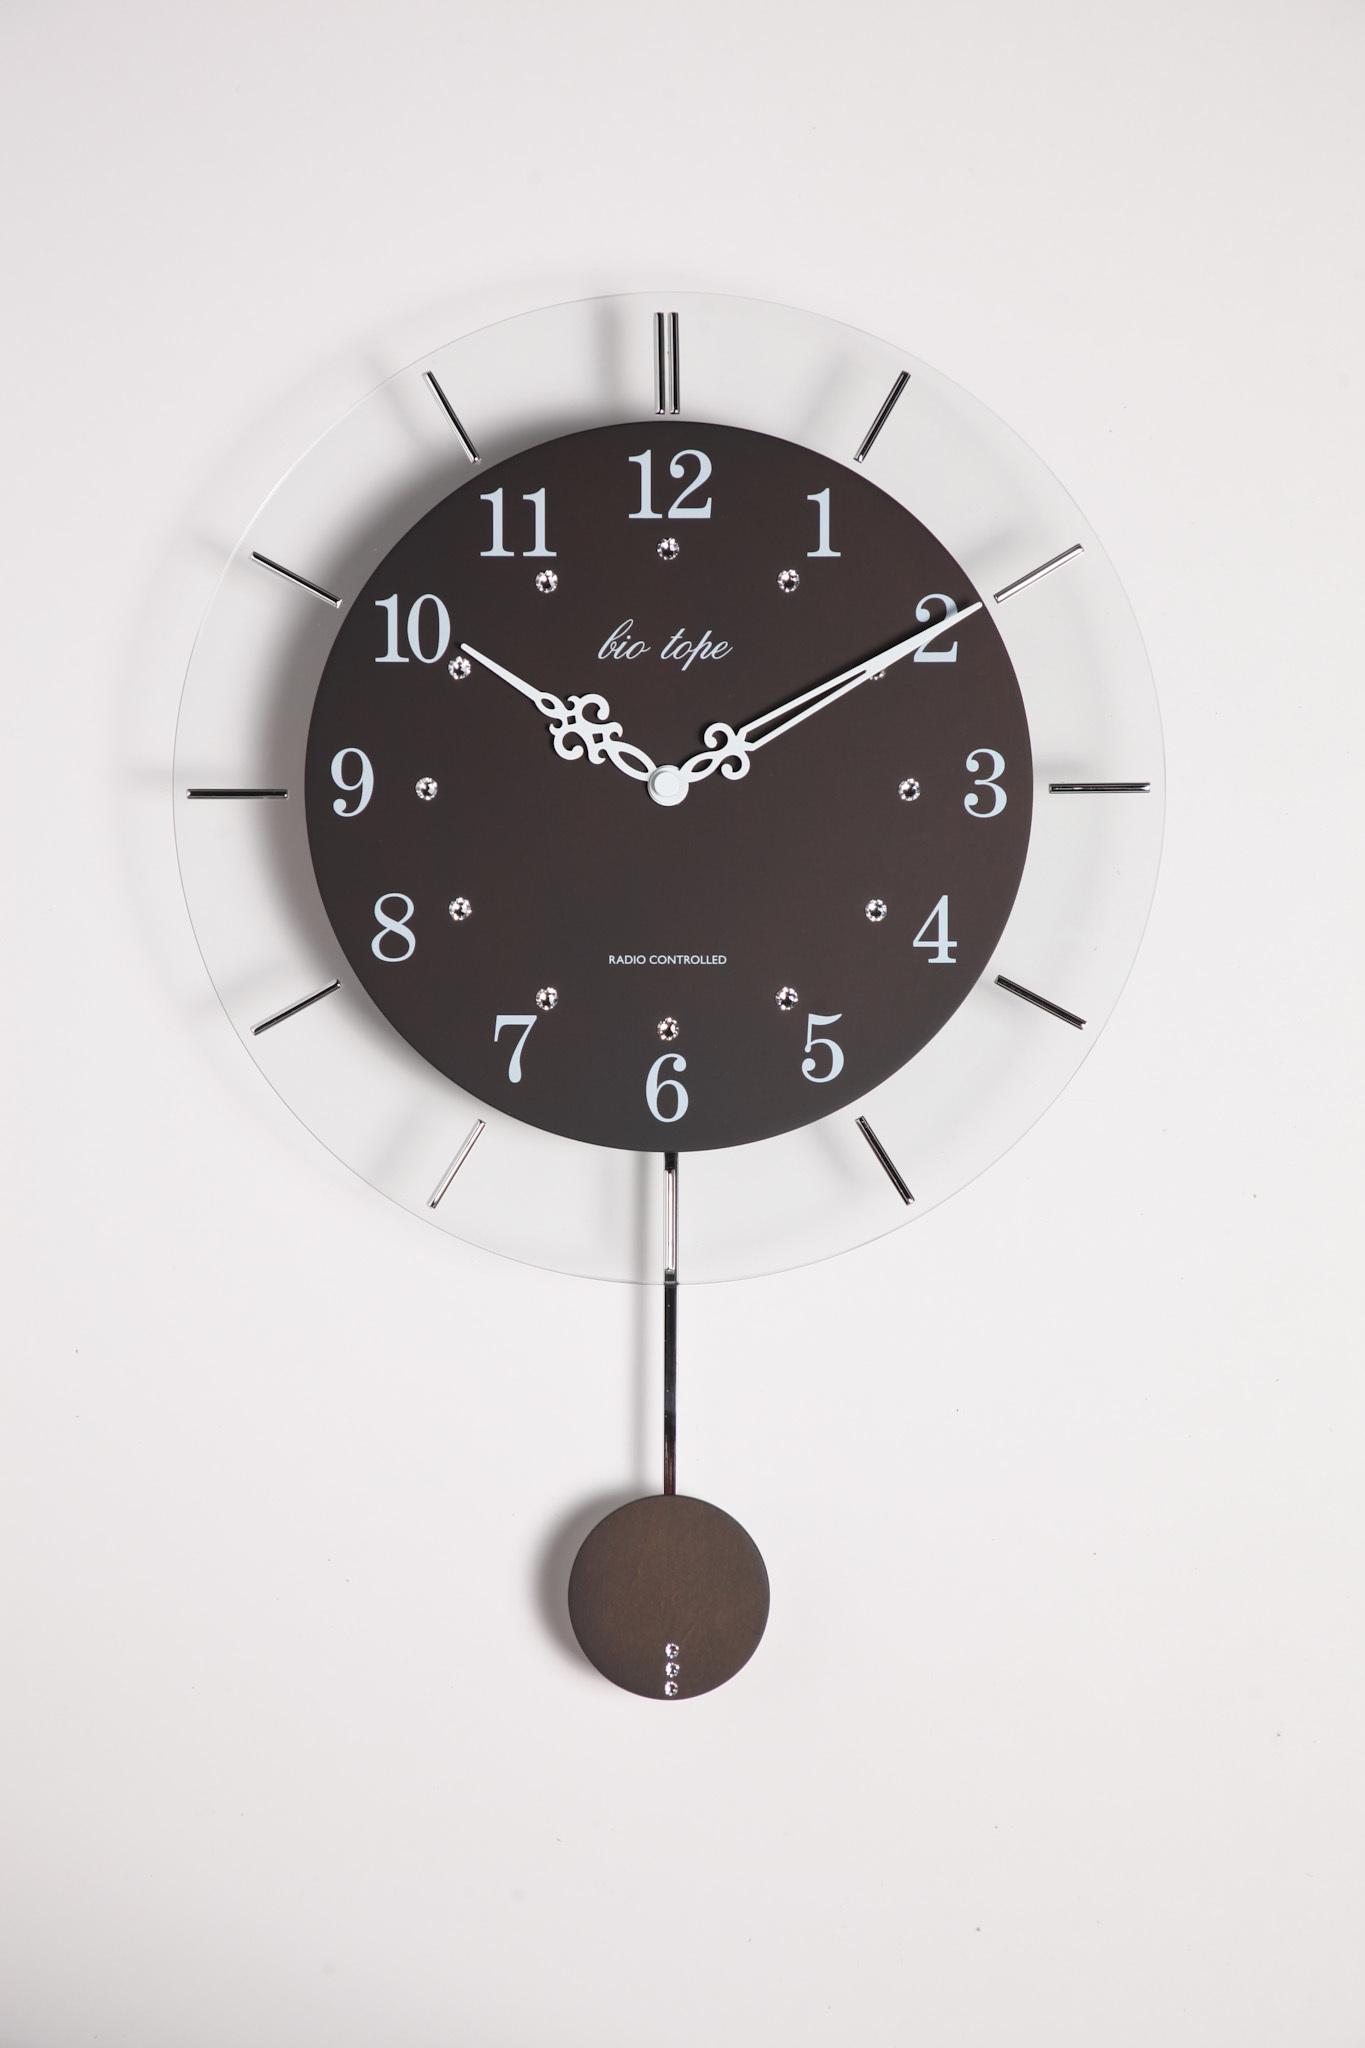 振り子時計 電波時計 電波スロー振り子時計 BIO-006 板尾工芸オリジナル - 画像1